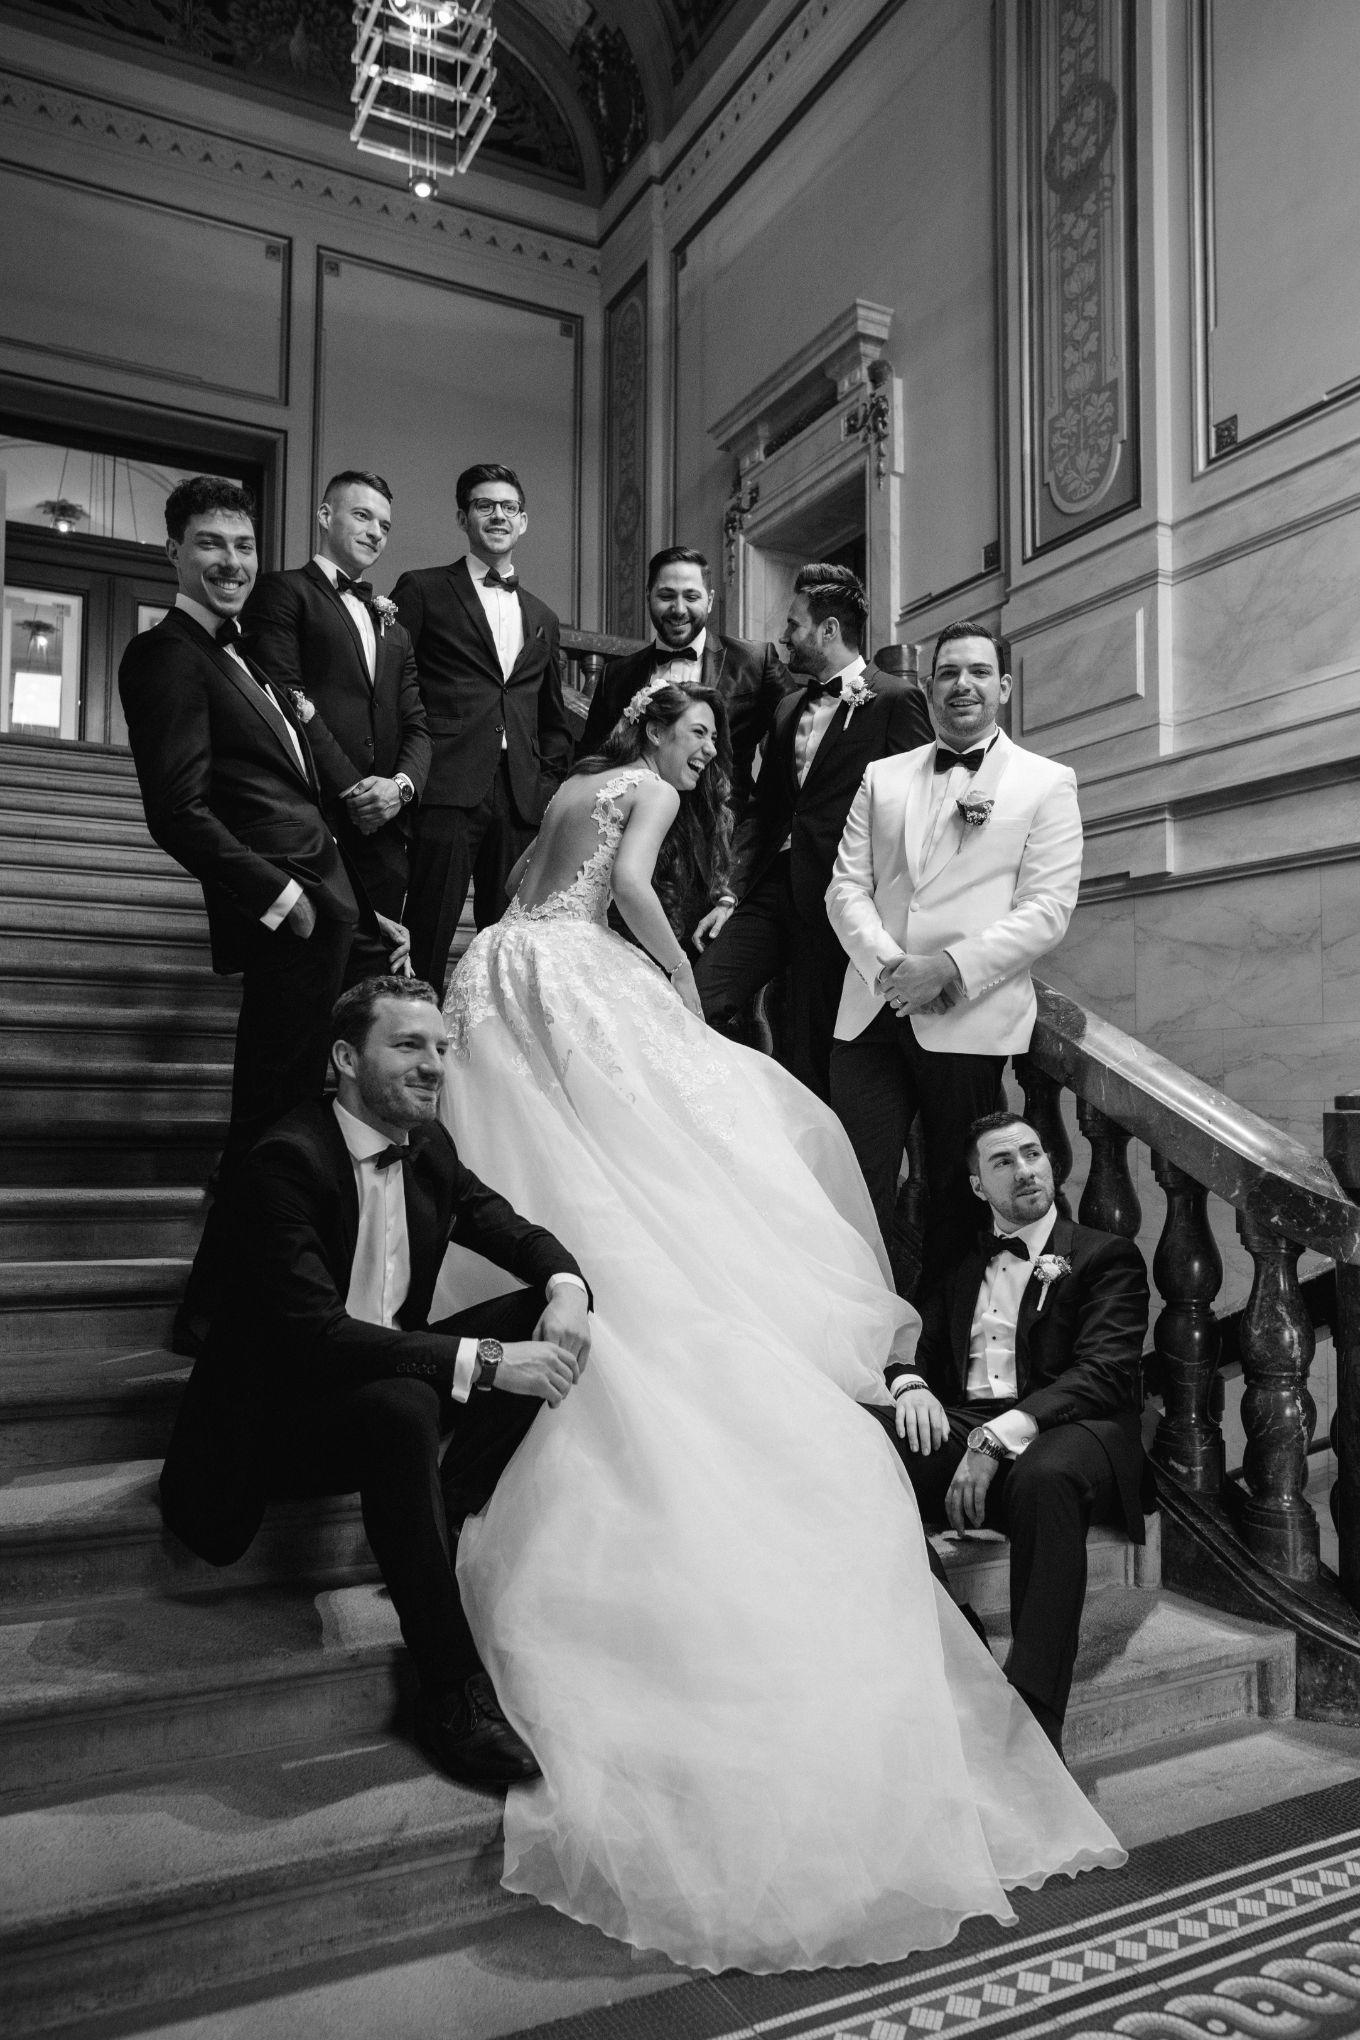 Hochzeit-Historische-Stadthalle-Wuppertal-The-Saums-KN-43.jpg